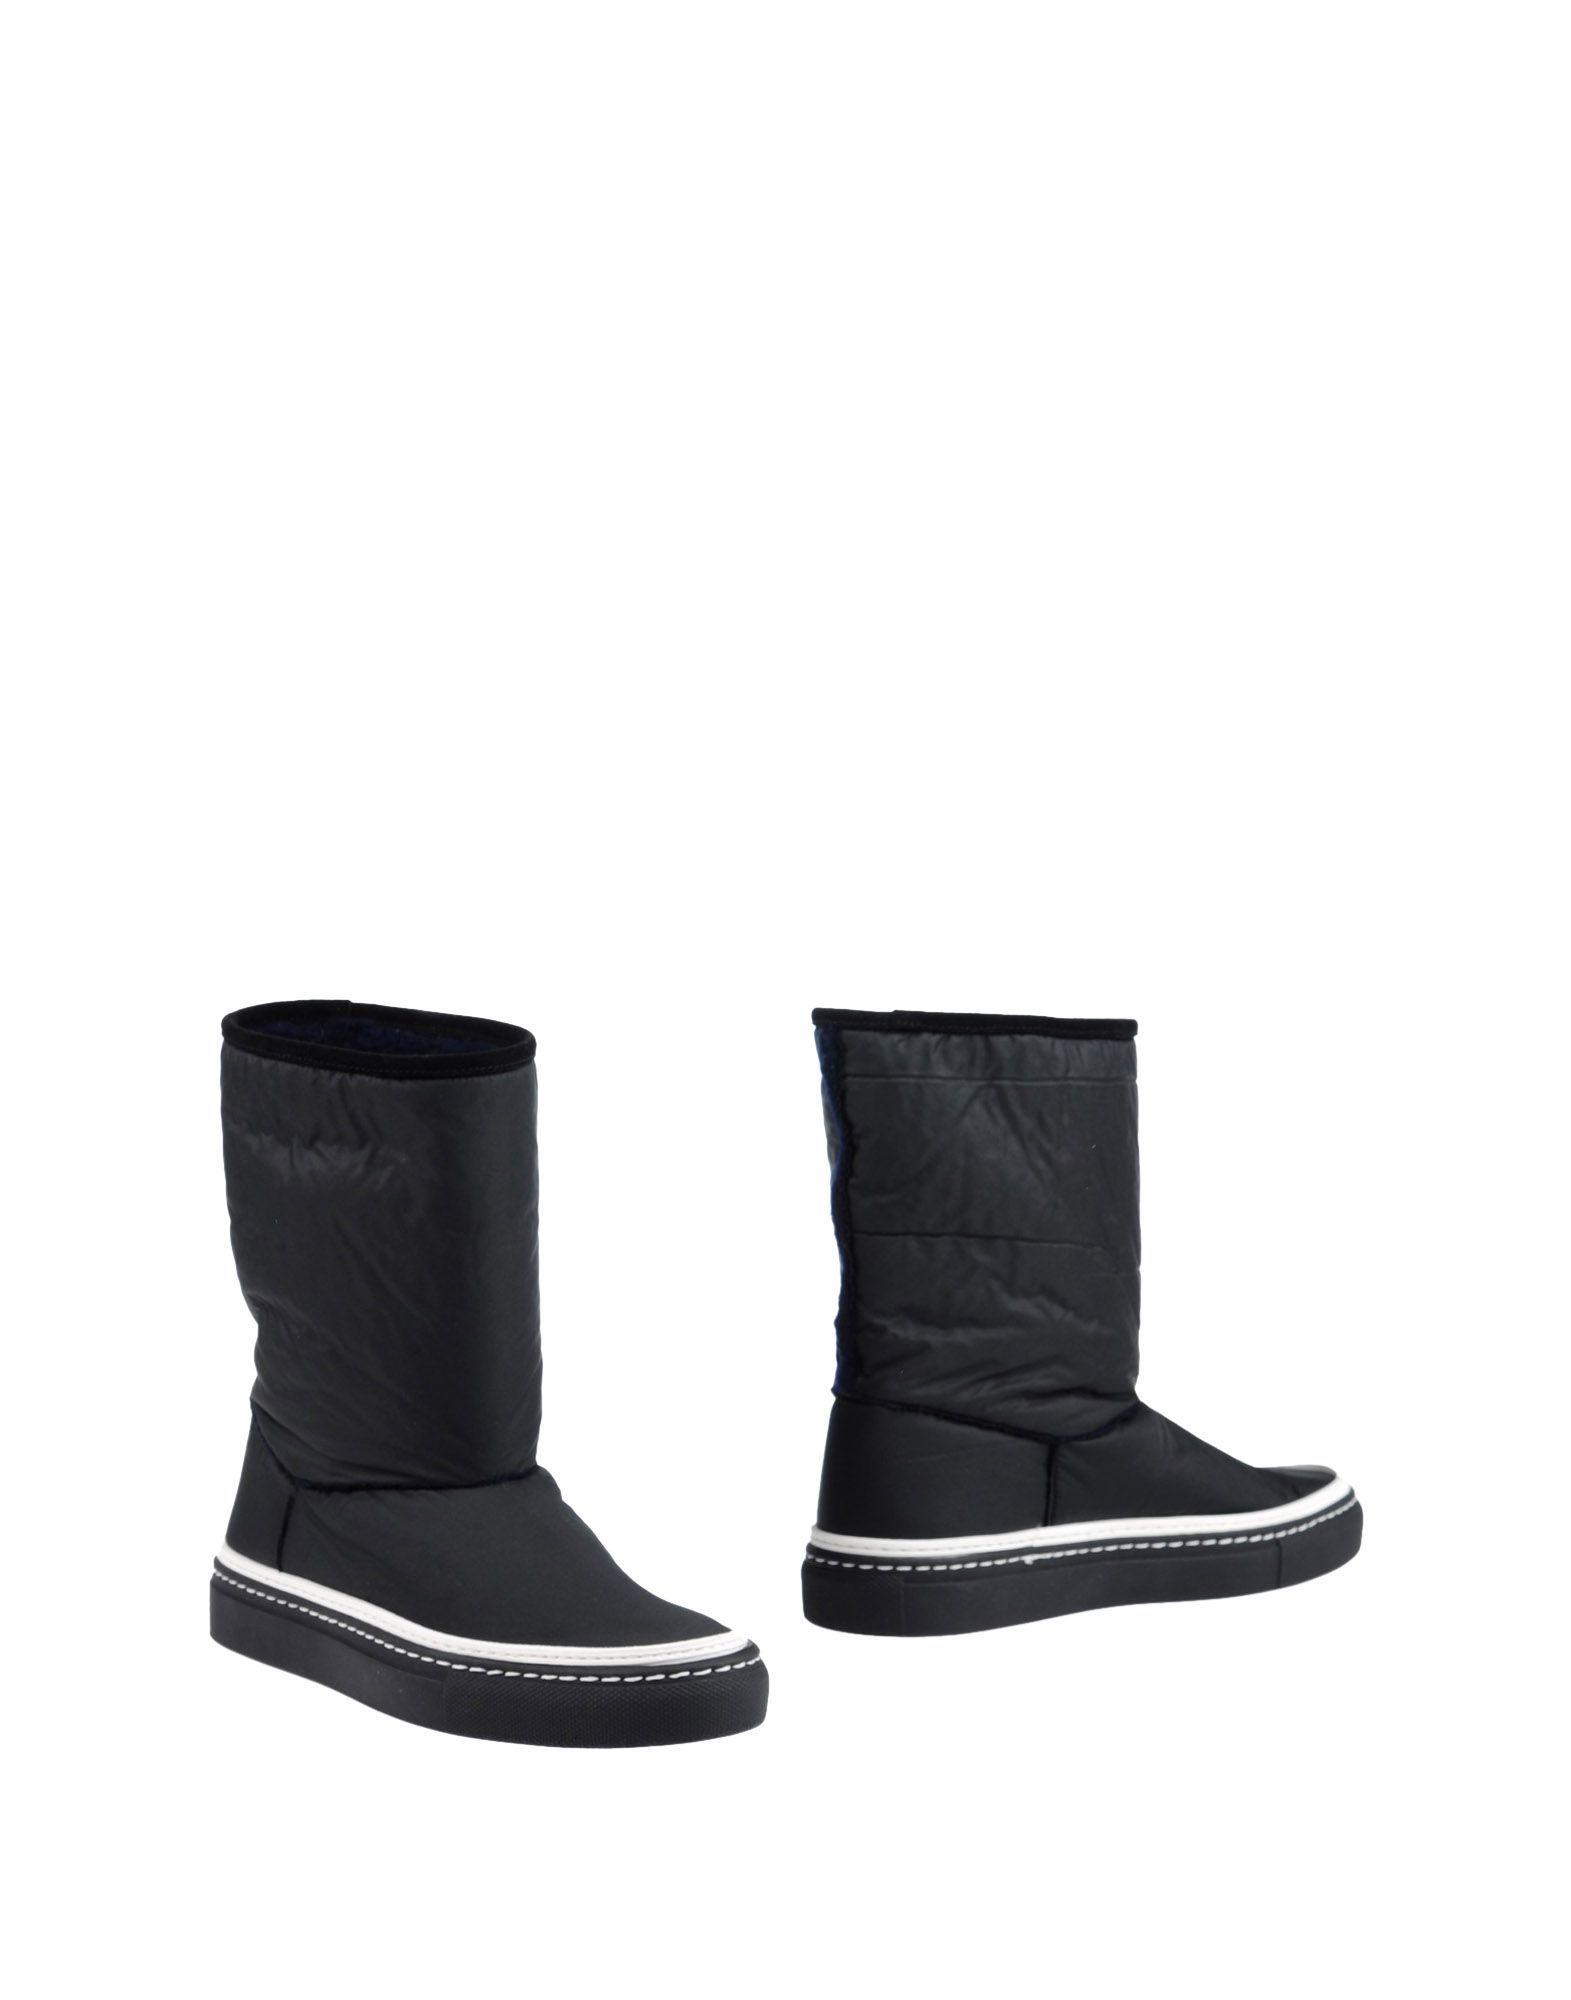 L' Autre Chose Black Techno Fabric Ankle Boots